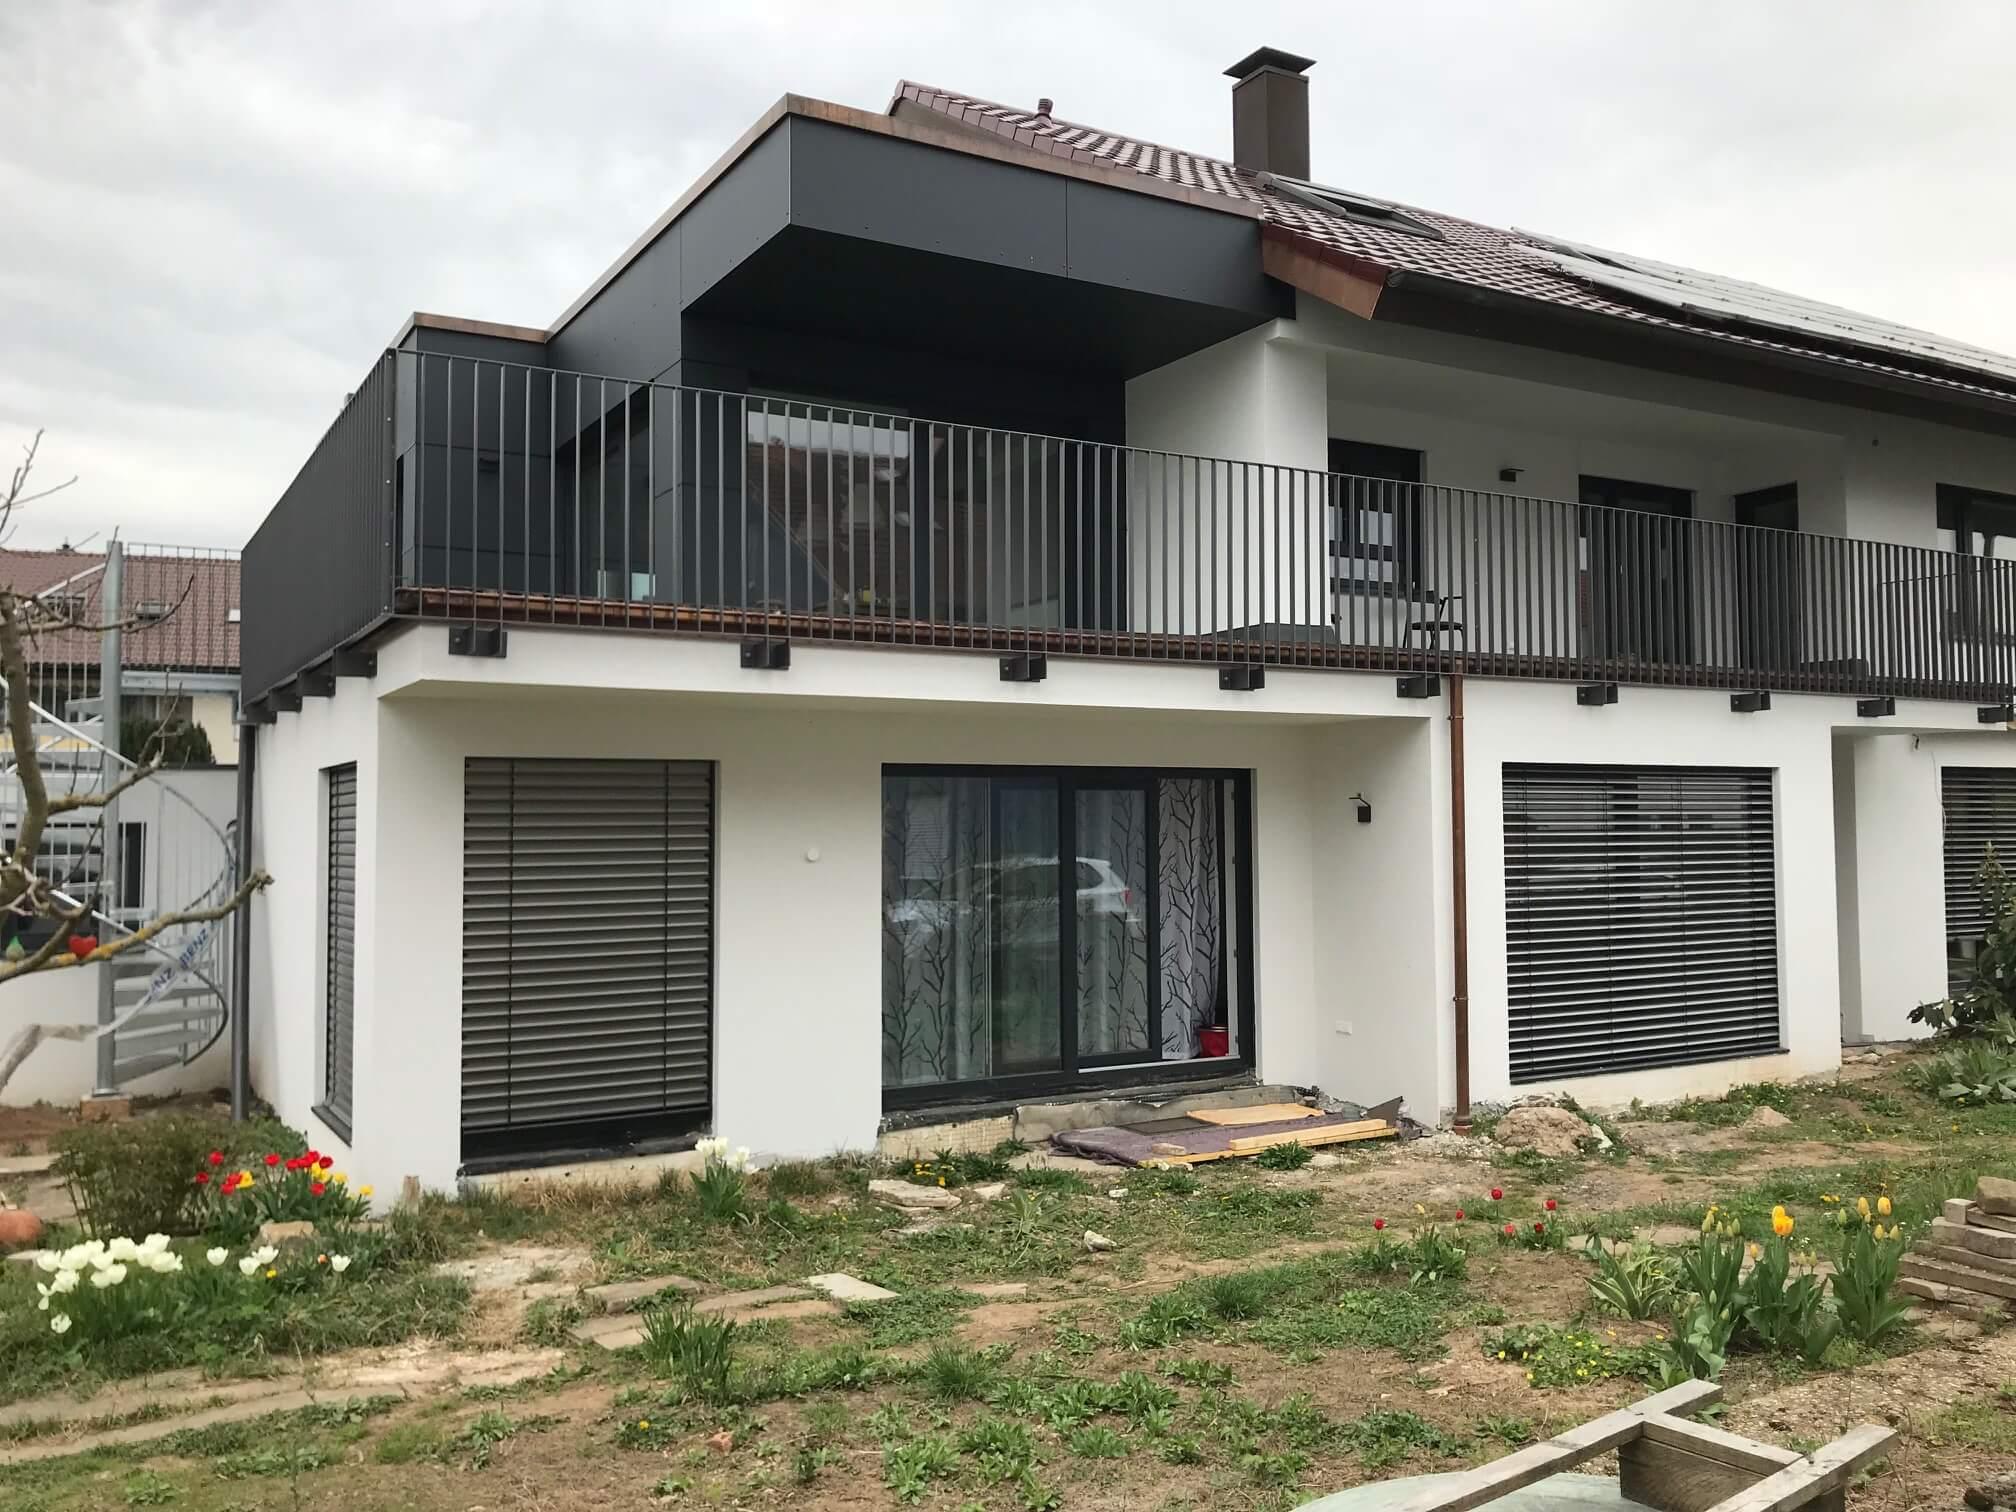 Montage Balkon Zirn Schlosserei Schad (11)